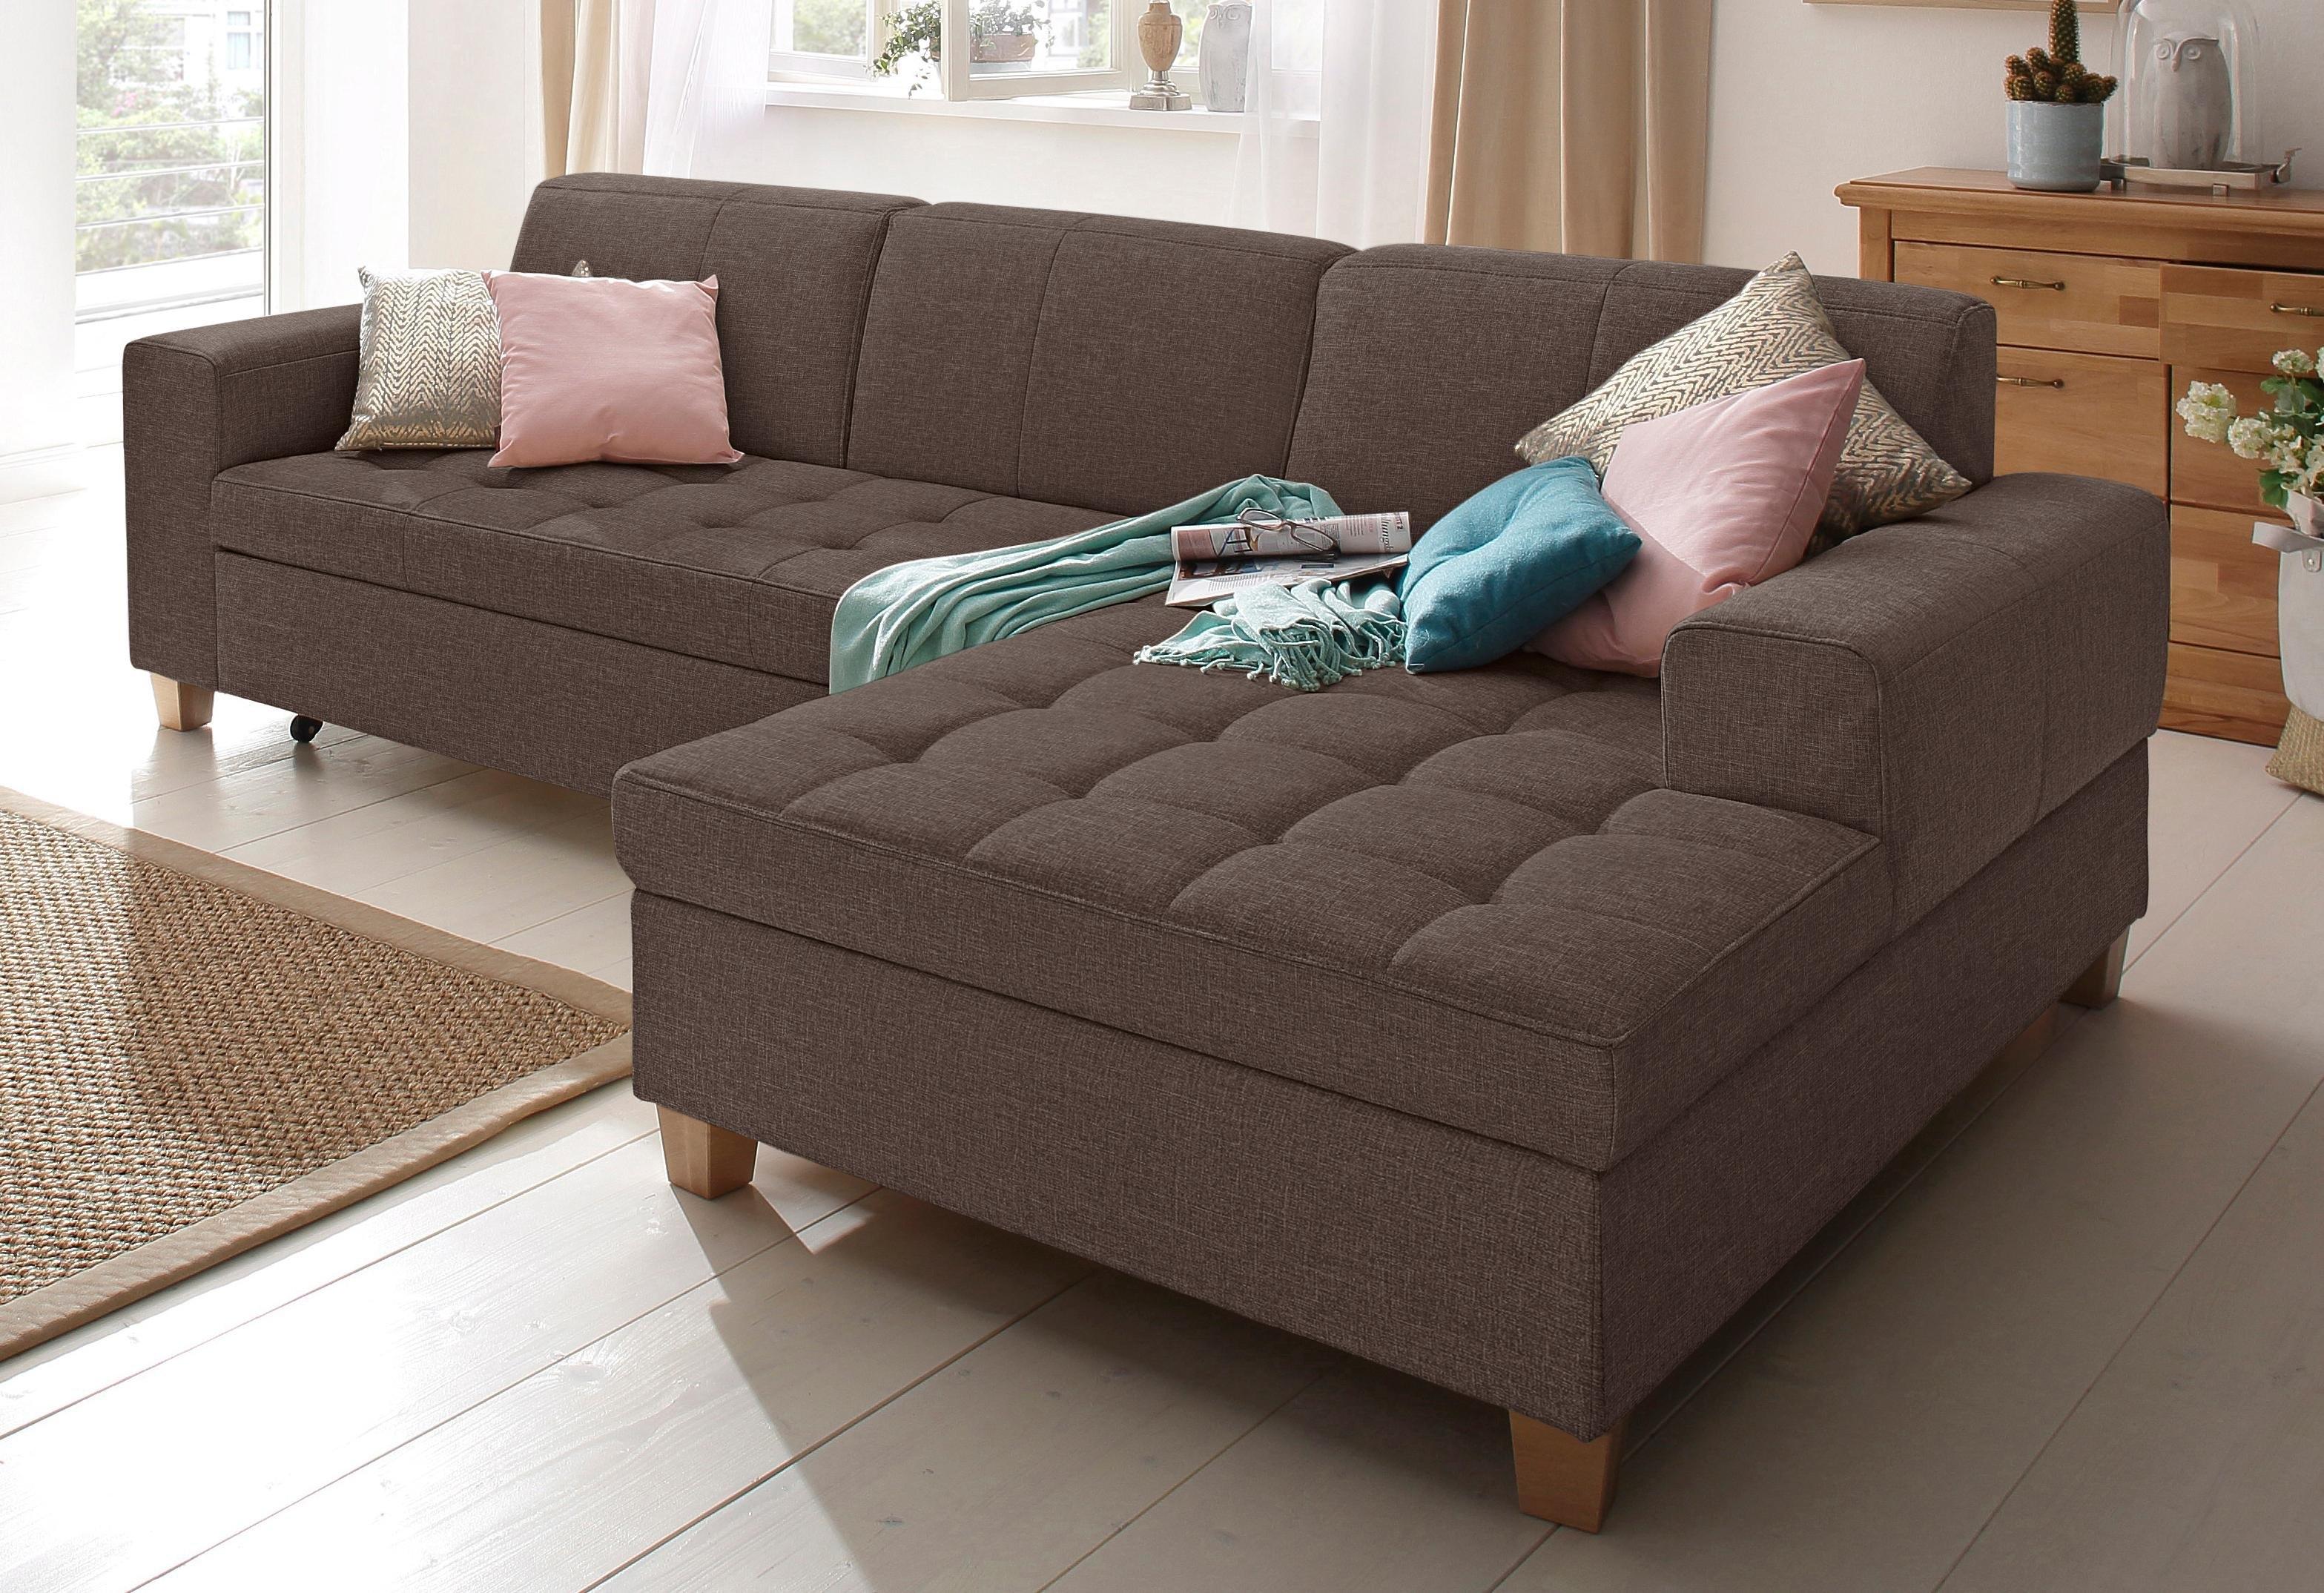 Home affaire hoekbank, naar keuze met slaapfunctie, stiksels op zitoppervlak online kopen op otto.nl